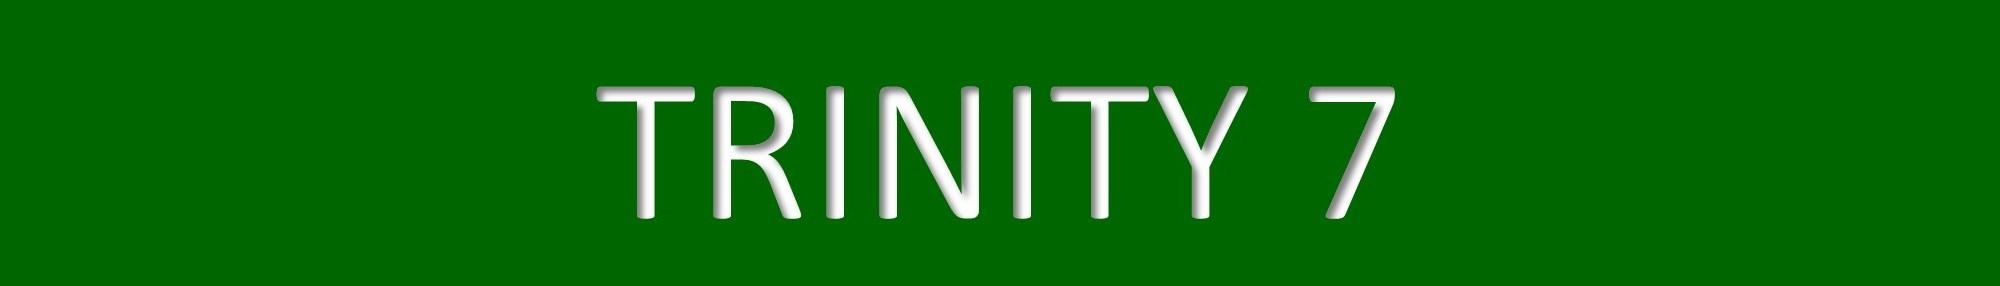 Trinity 7 header